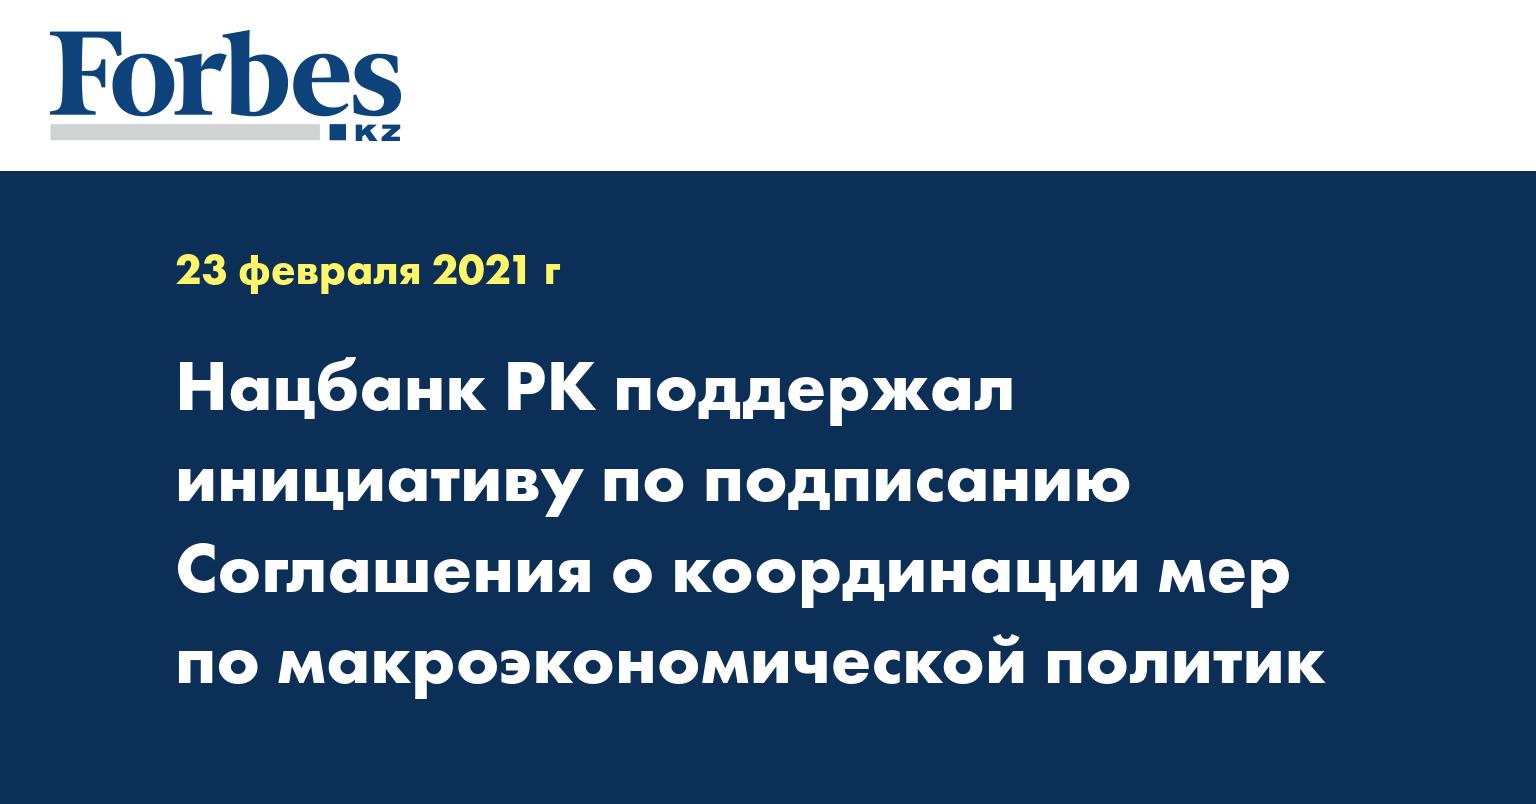 Нацбанк РК поддержал инициативу по подписанию Соглашения о координации мер по макроэкономической политик